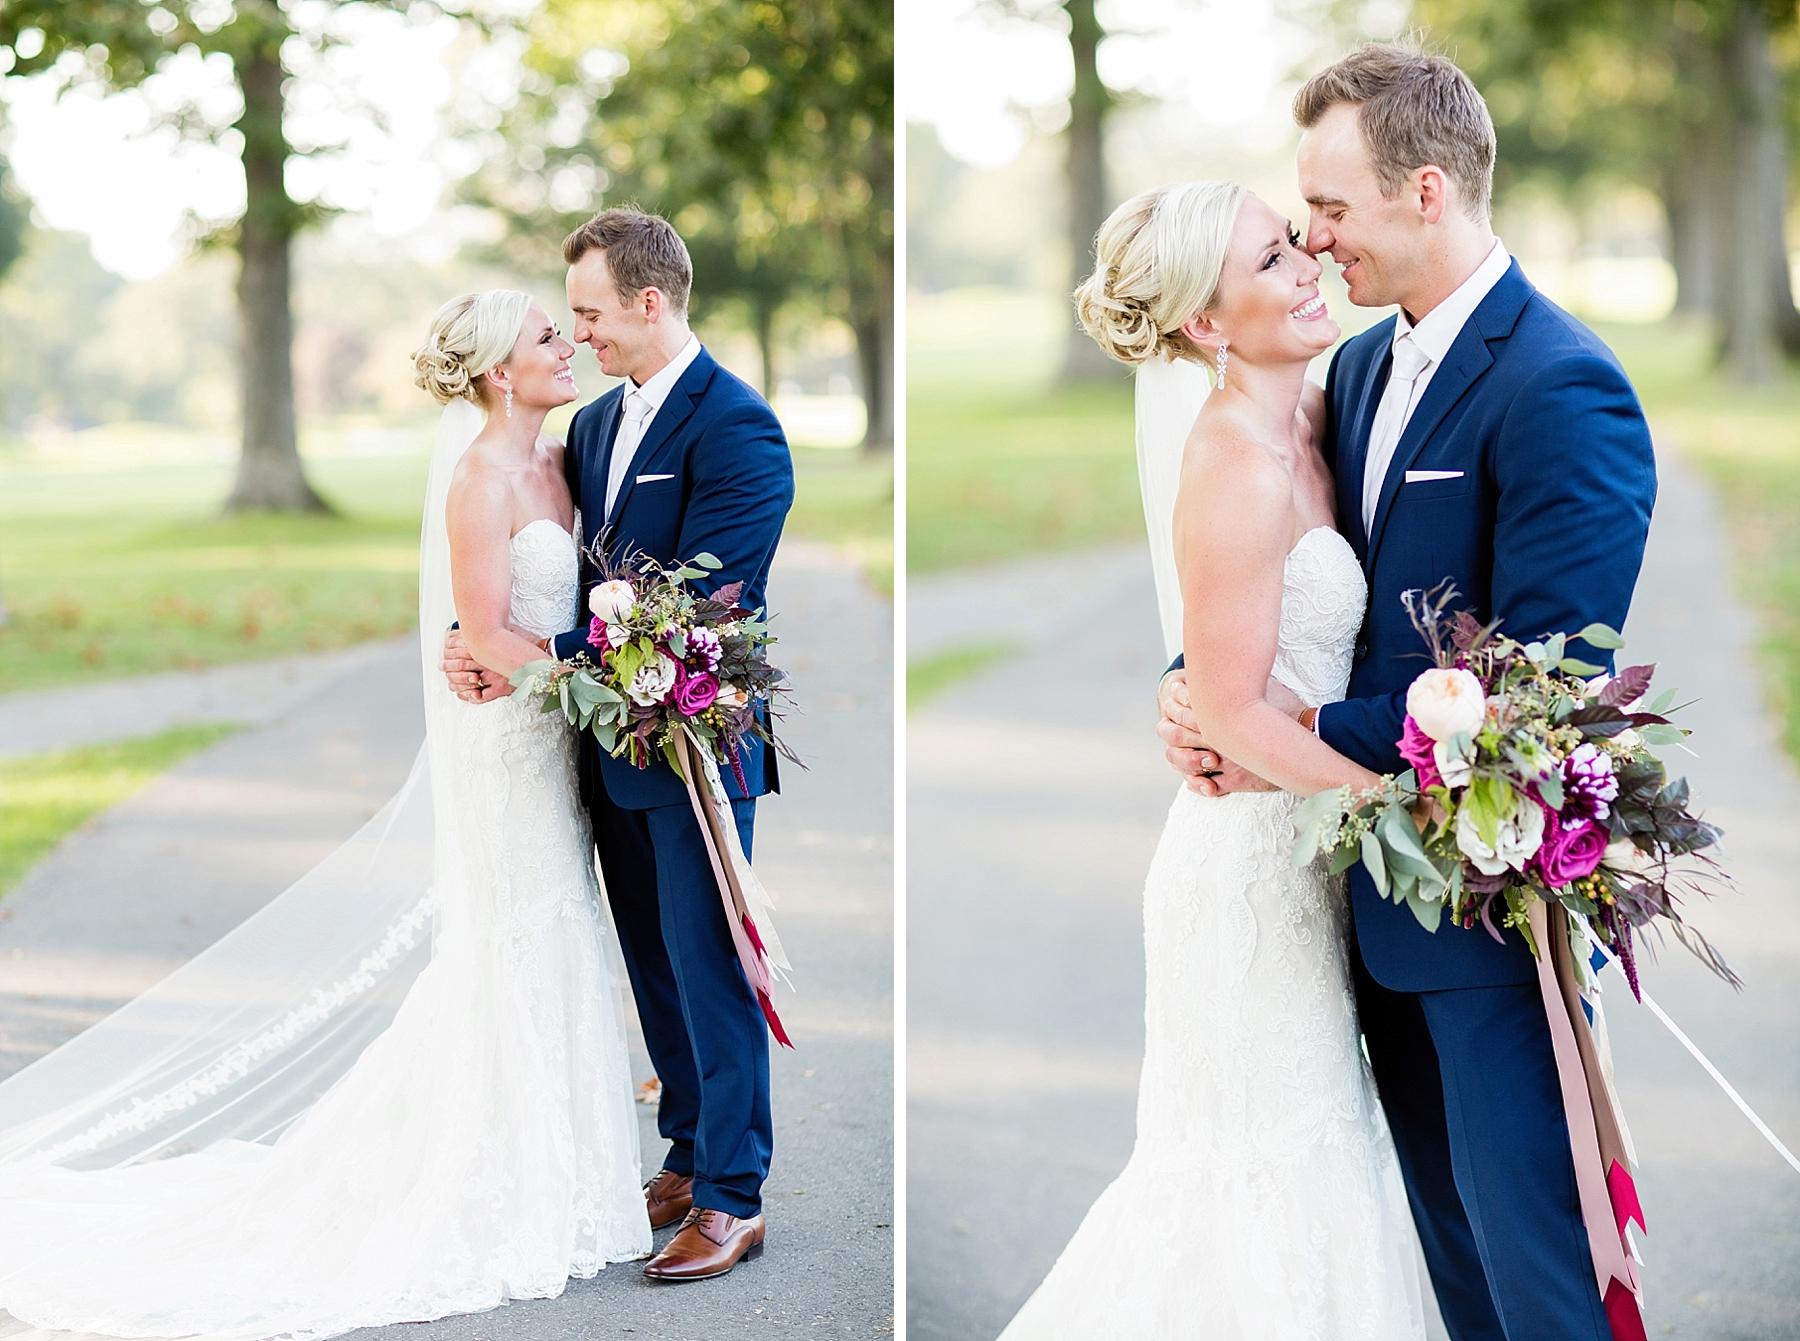 windsor-wedding-photographer-essex-golf-country-club-wedding-eryn-shea-photography_0054.jpg